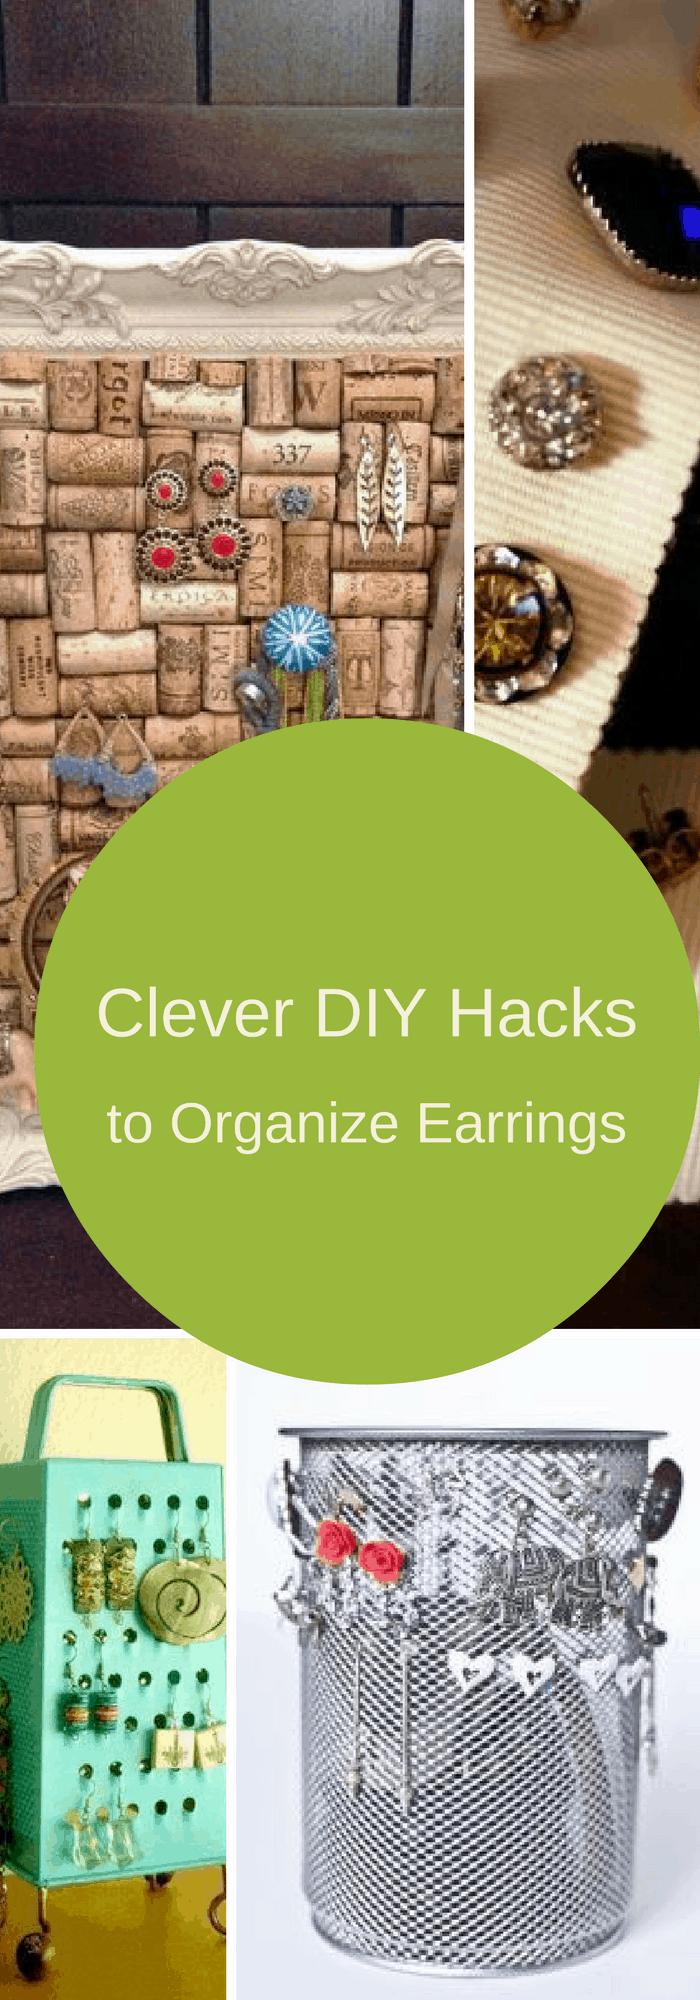 clever-diy-hacks